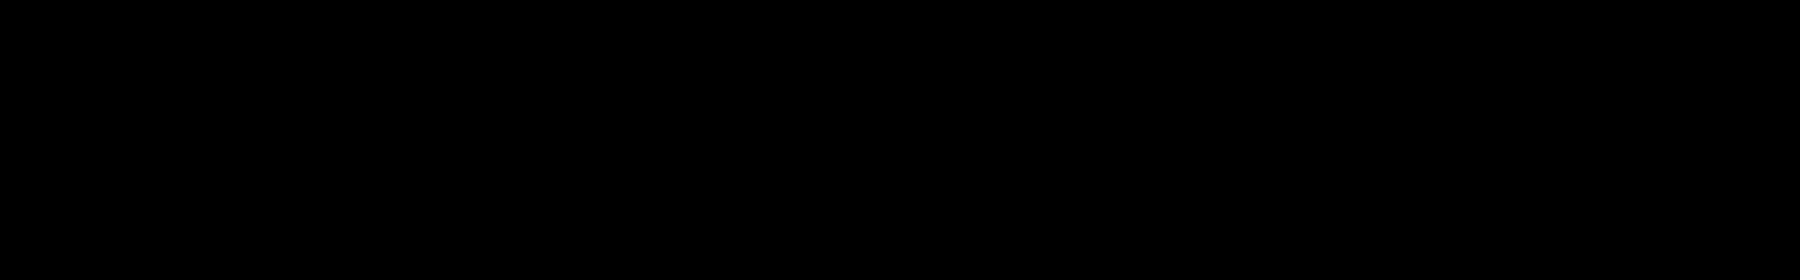 Porter llenium audio waveform